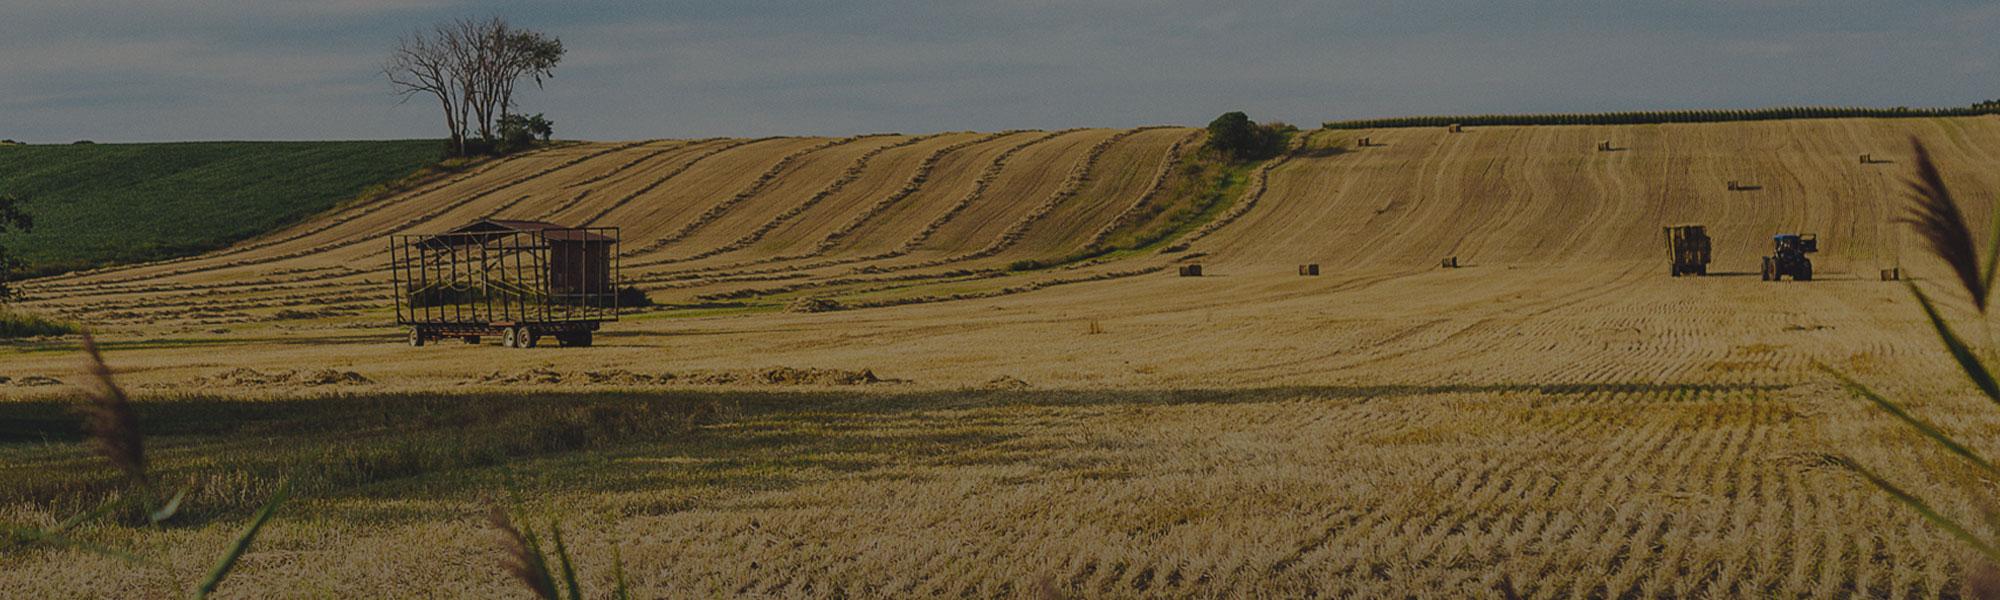 Agriculture Saint-Placide